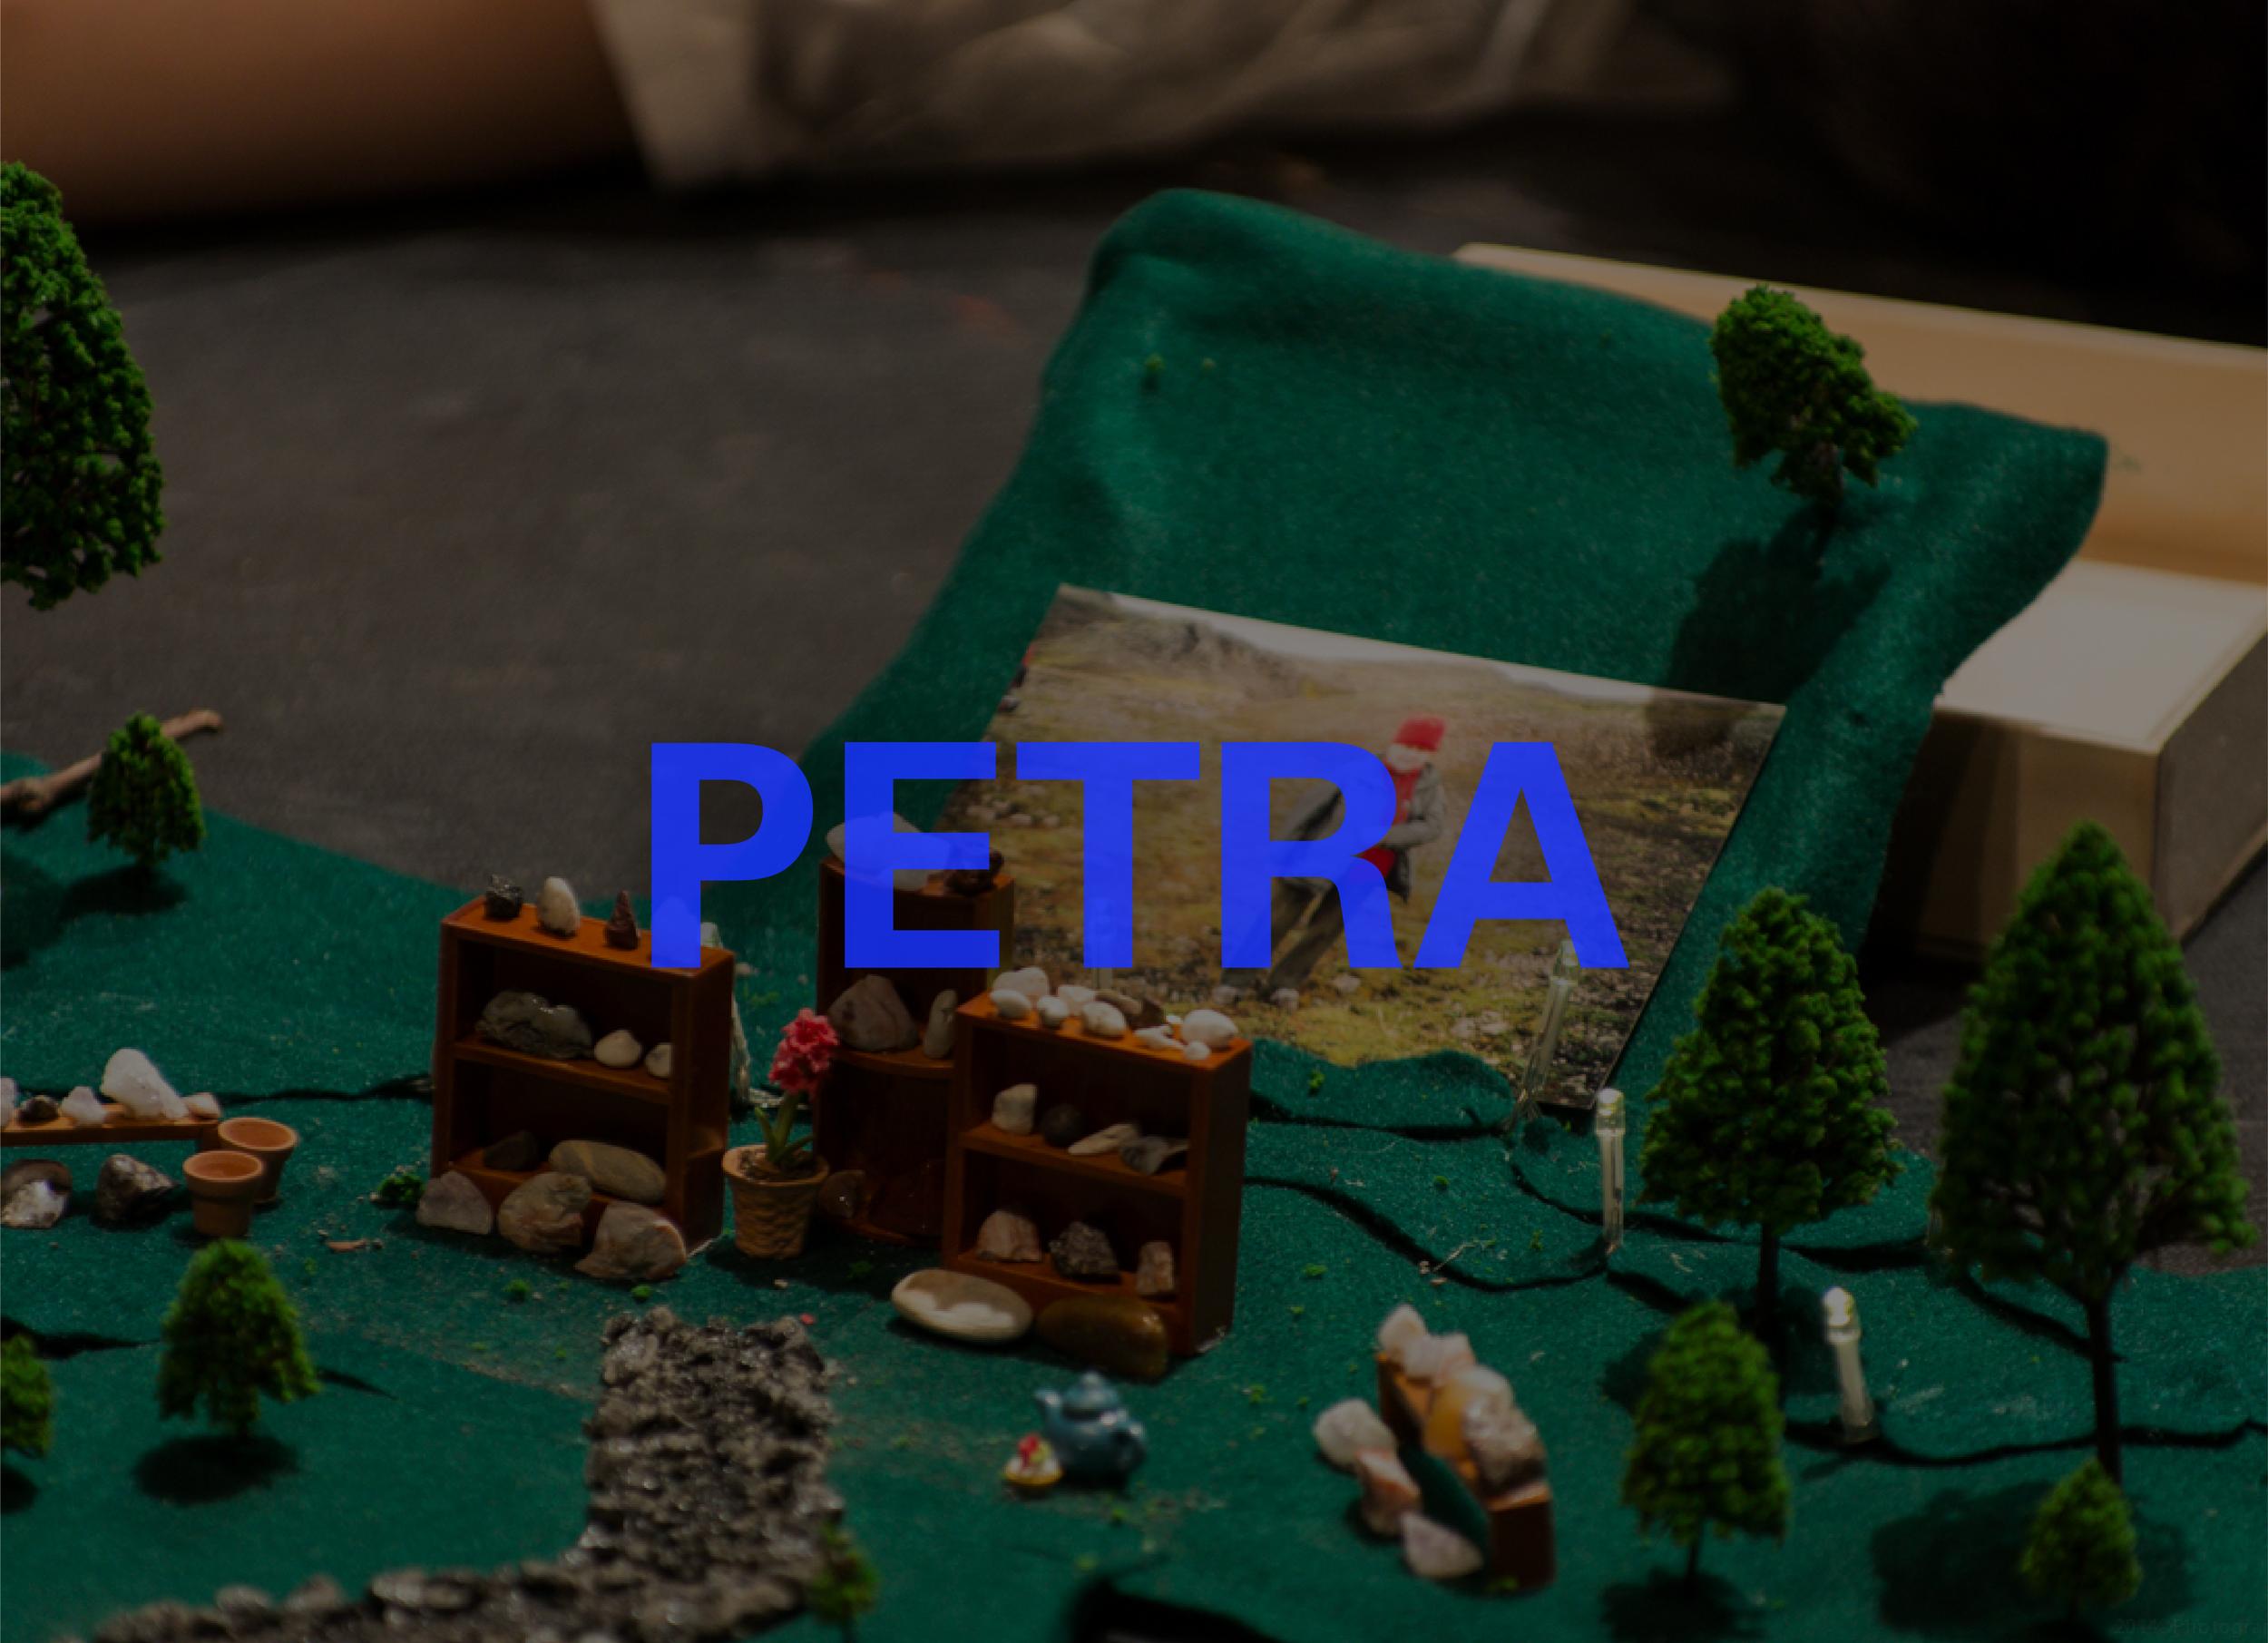 petra.png